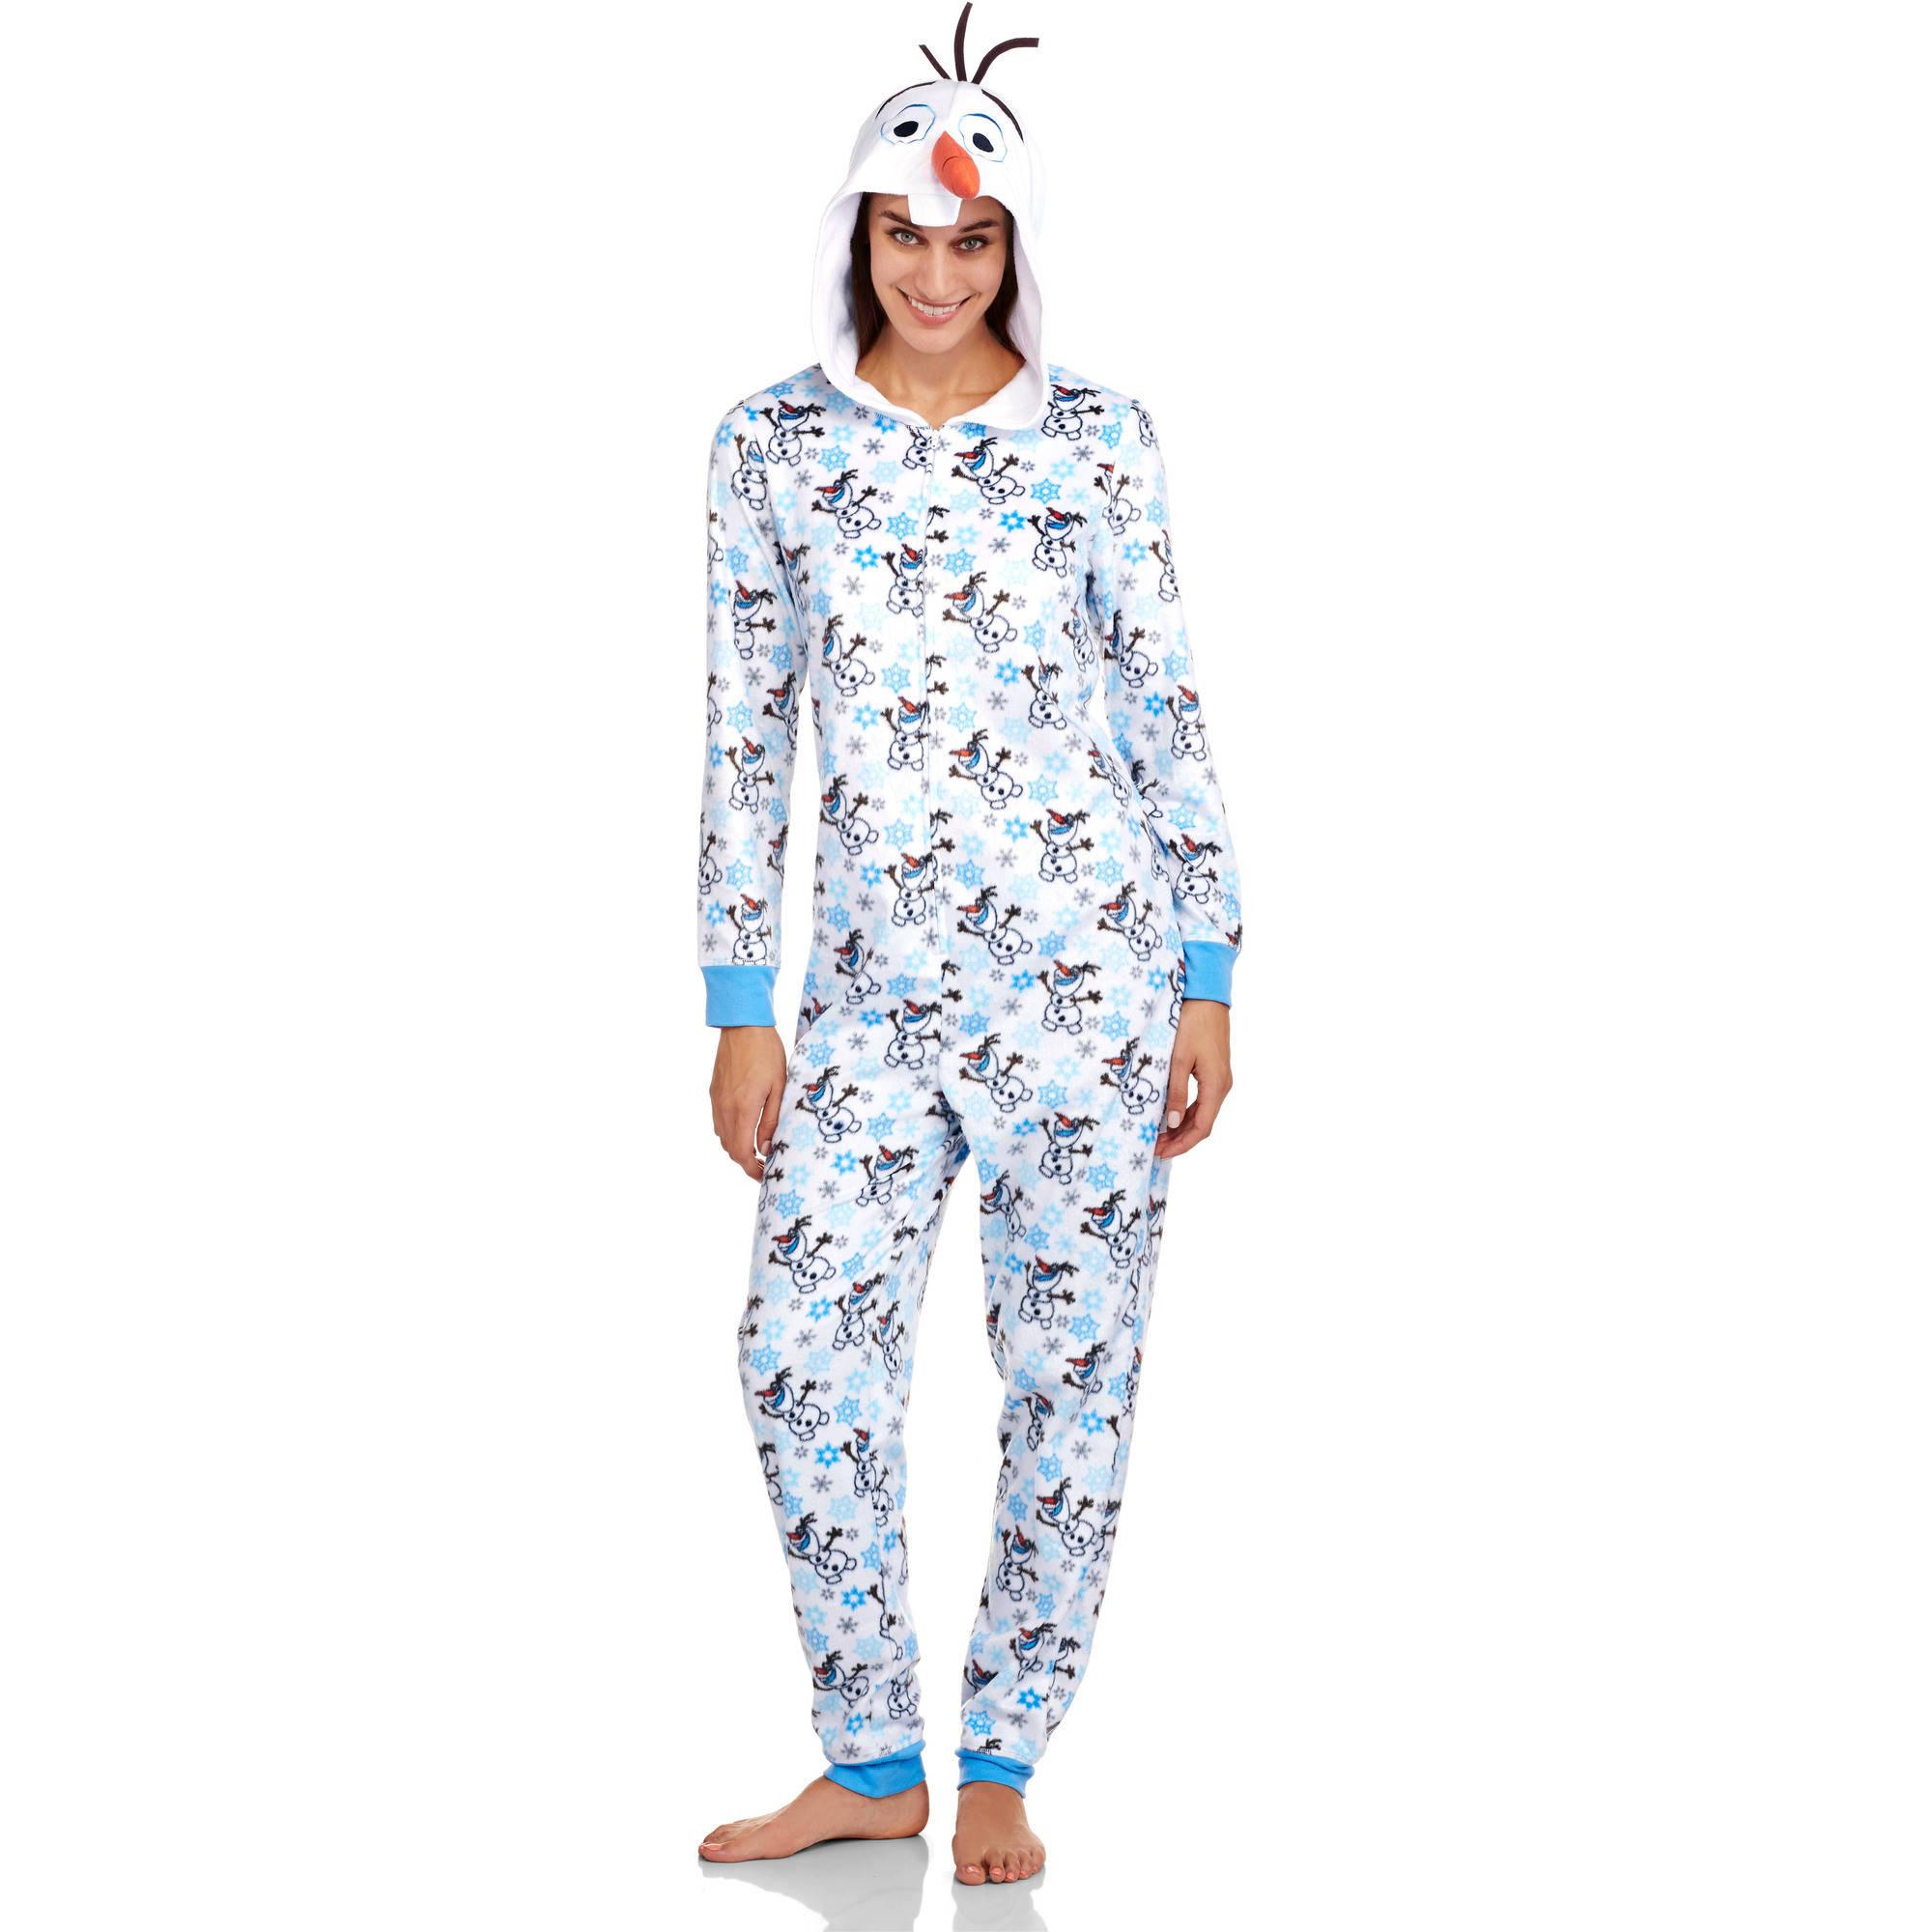 Disney Frozen Olaf Women's One Piece Pajamas (Sizes S-2X ...